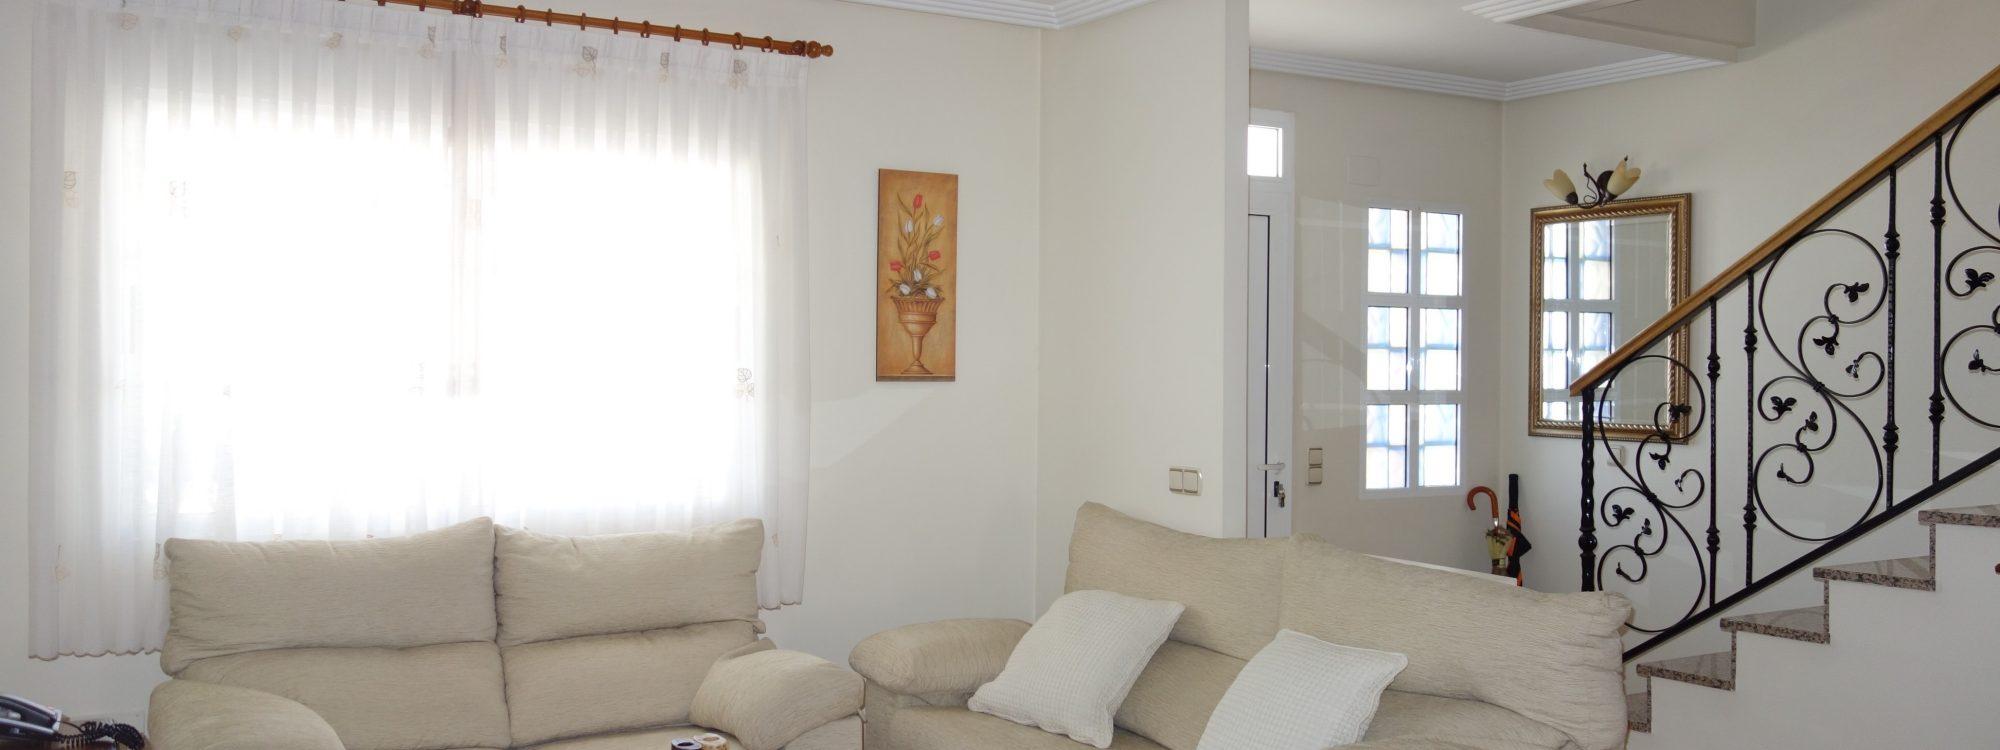 Venta duplex Molina de Segura 968 616 308